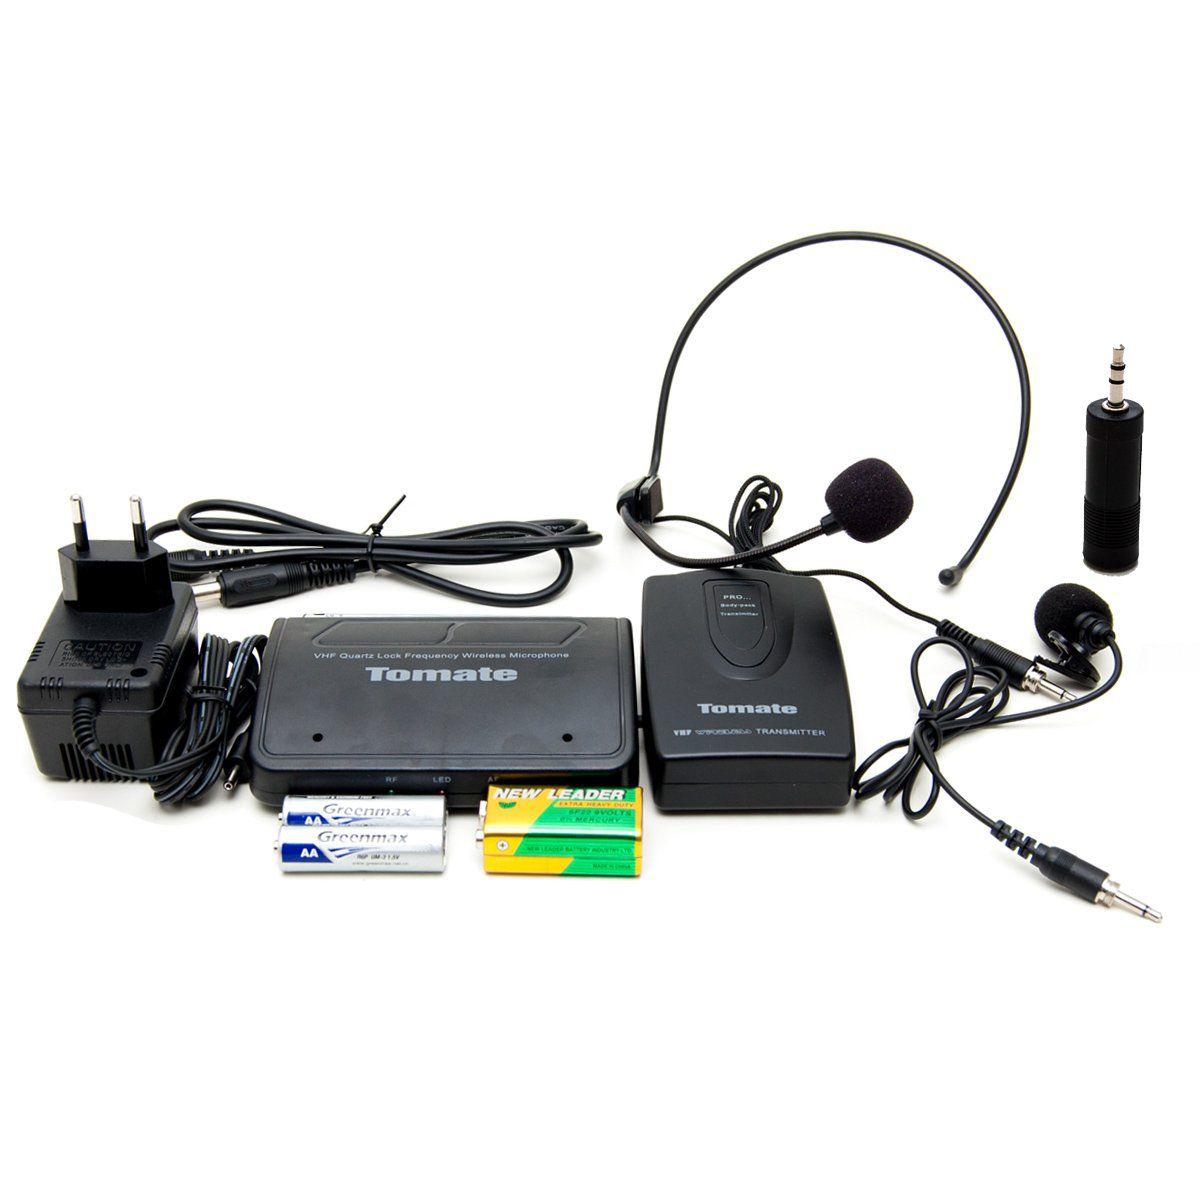 ZMicrofone Lapela Sem Fio Profissional Wireless Headset 50 mt